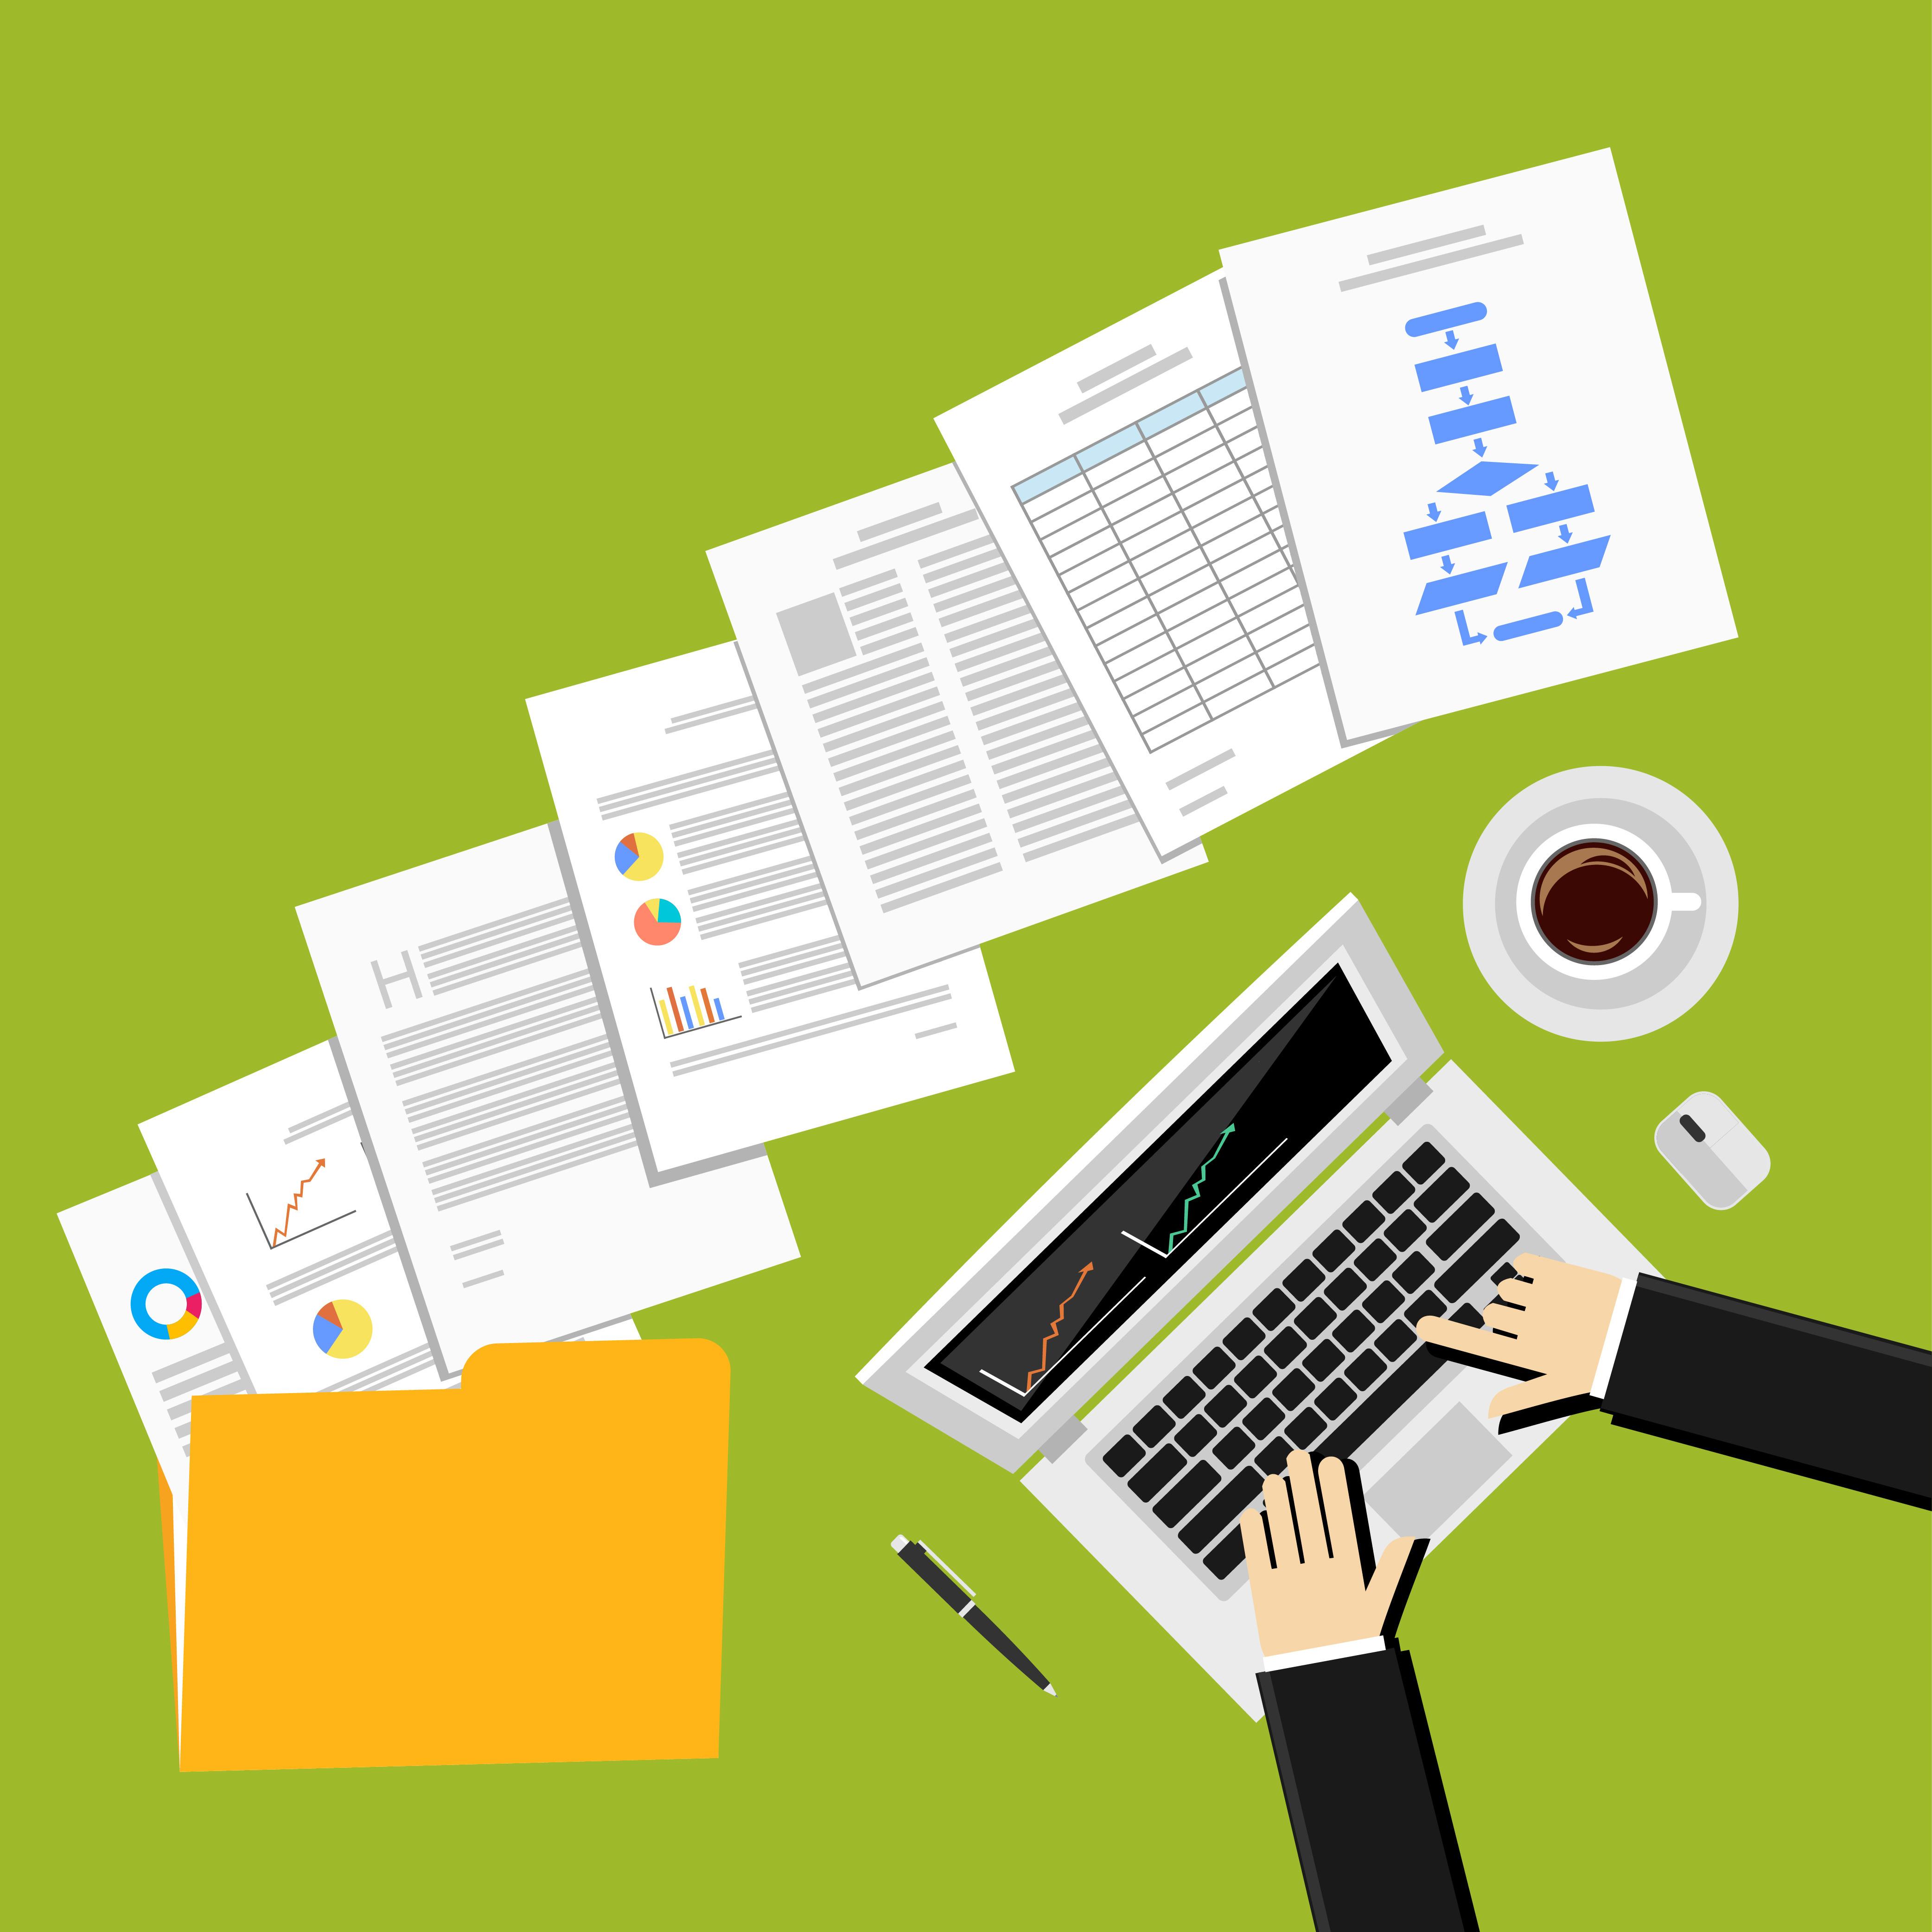 Hvilke krav til personalhåndbok er det som stilles? Her får du svarene.